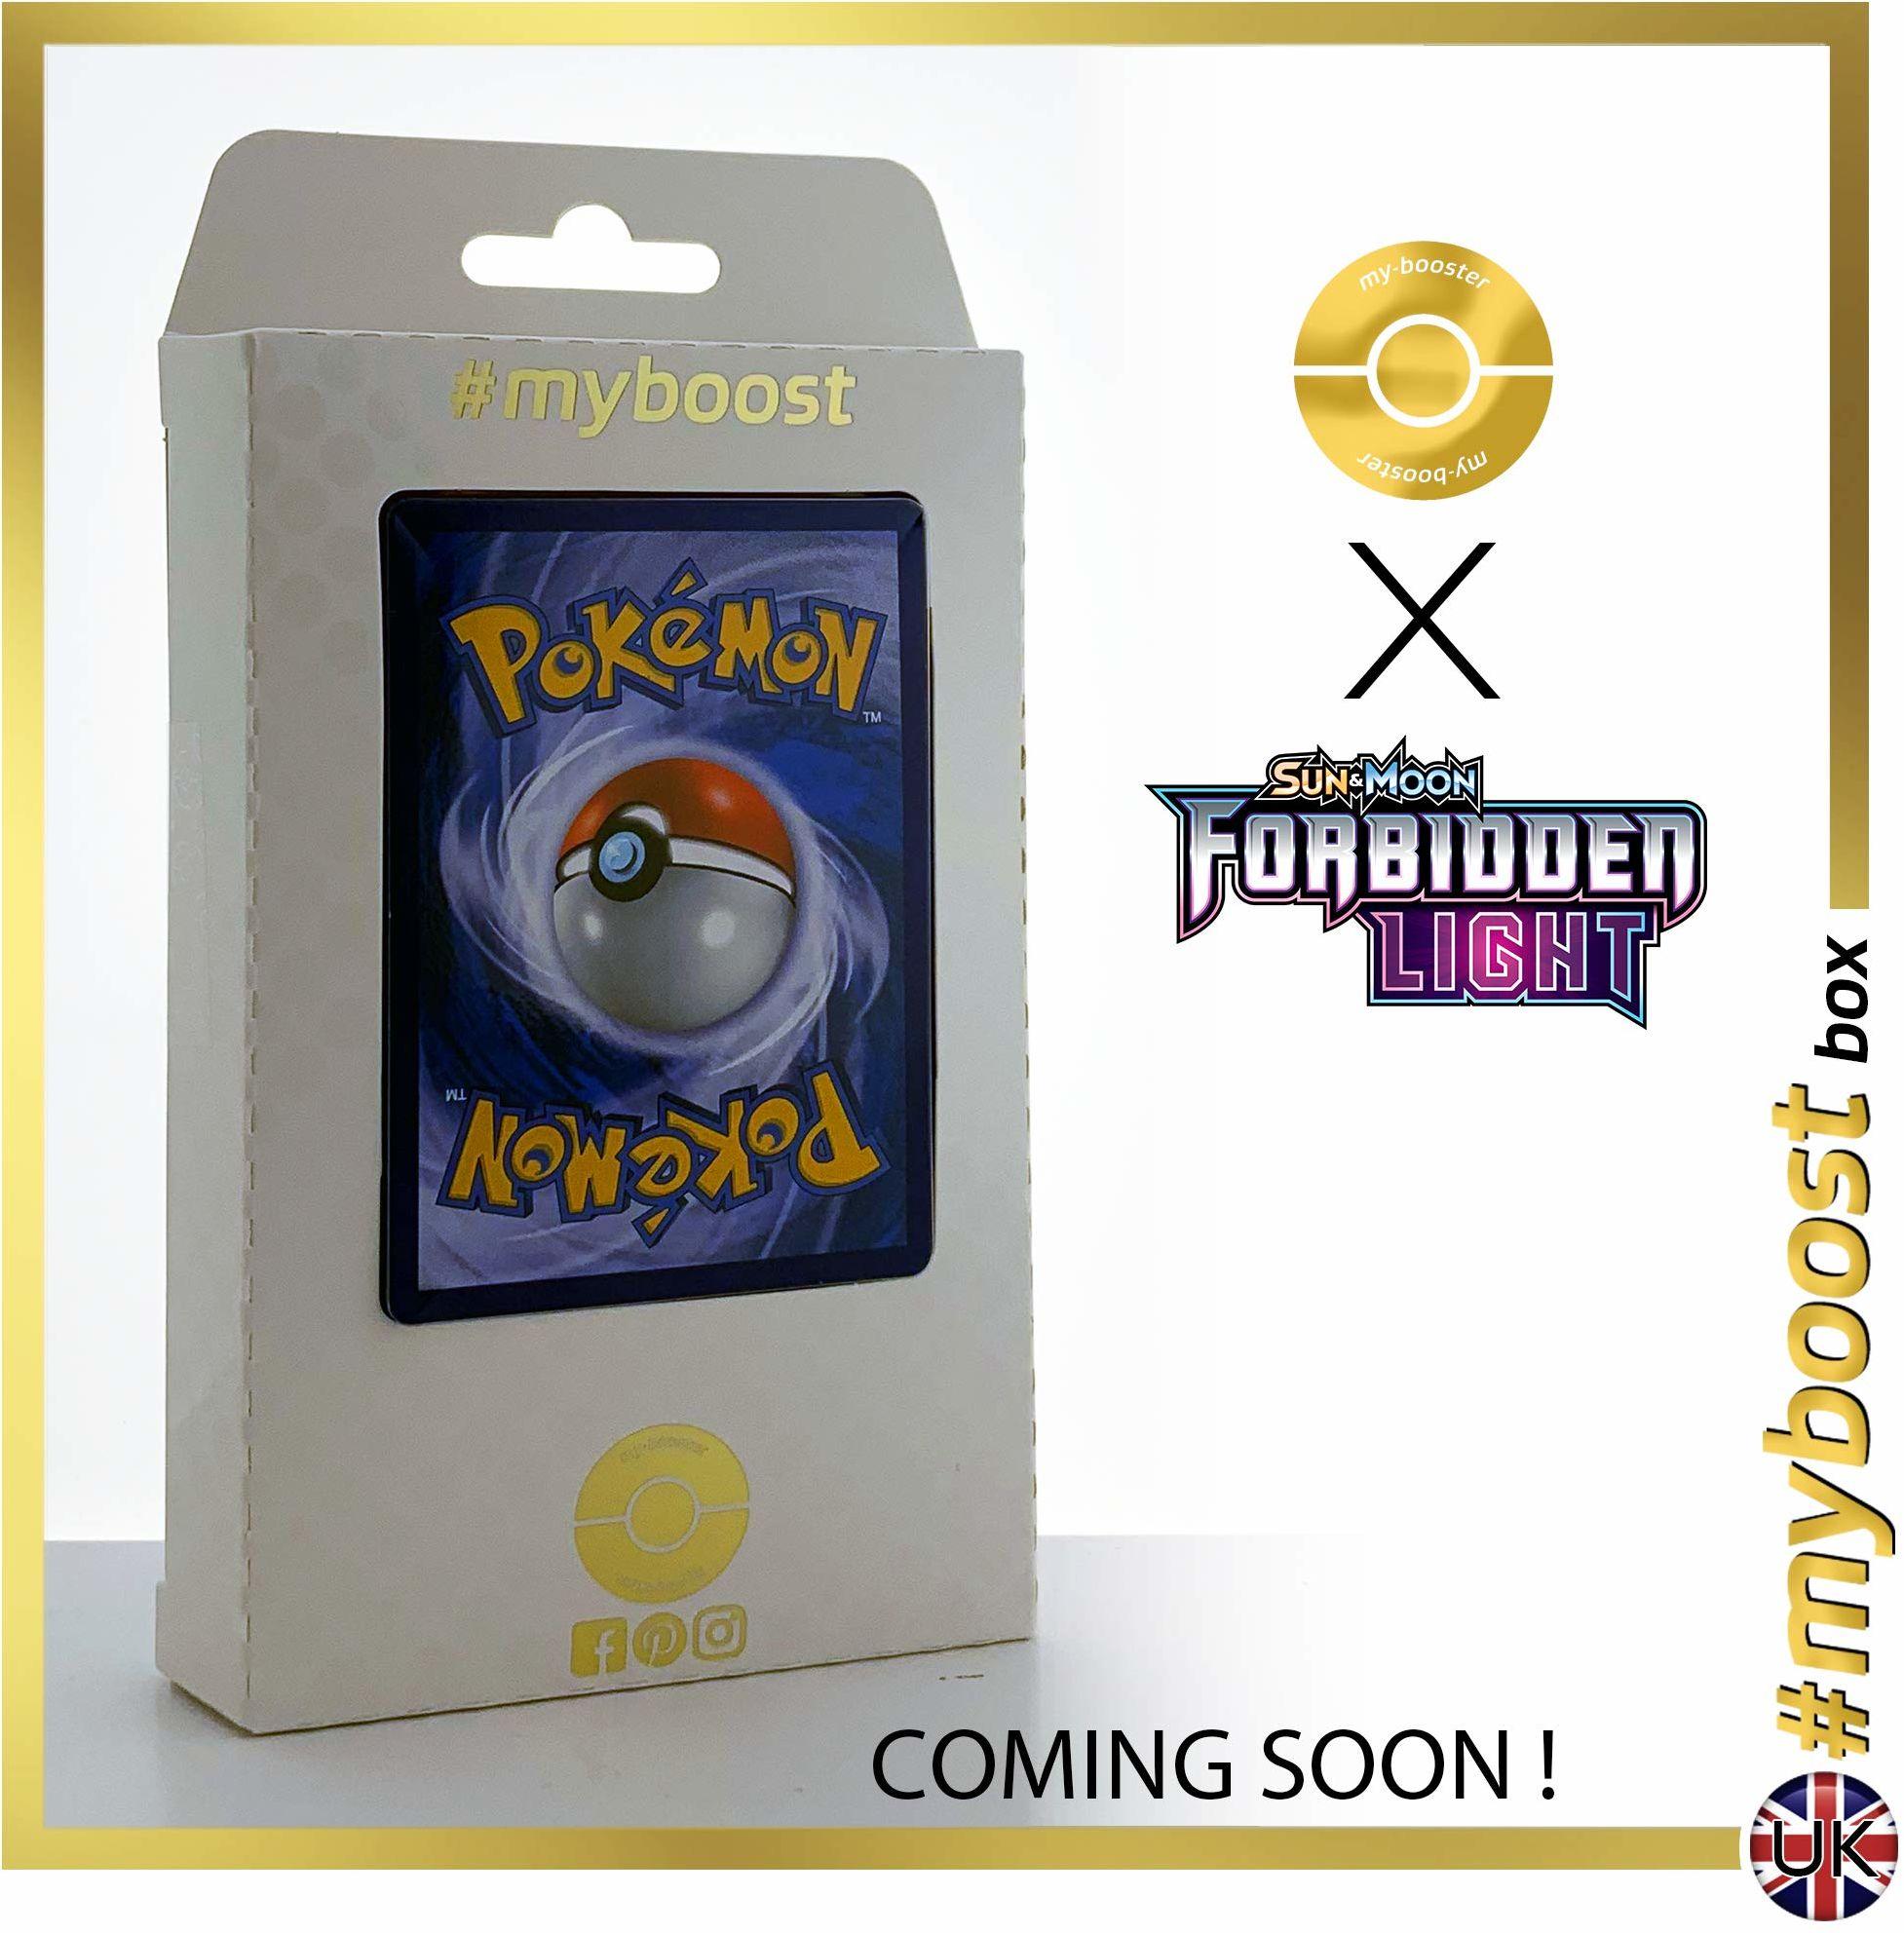 Garchomp 62/131 Holo - #myboost X Sun & Moon 6 Zakazane światło - pudełko 10 angielskich kart pokemon